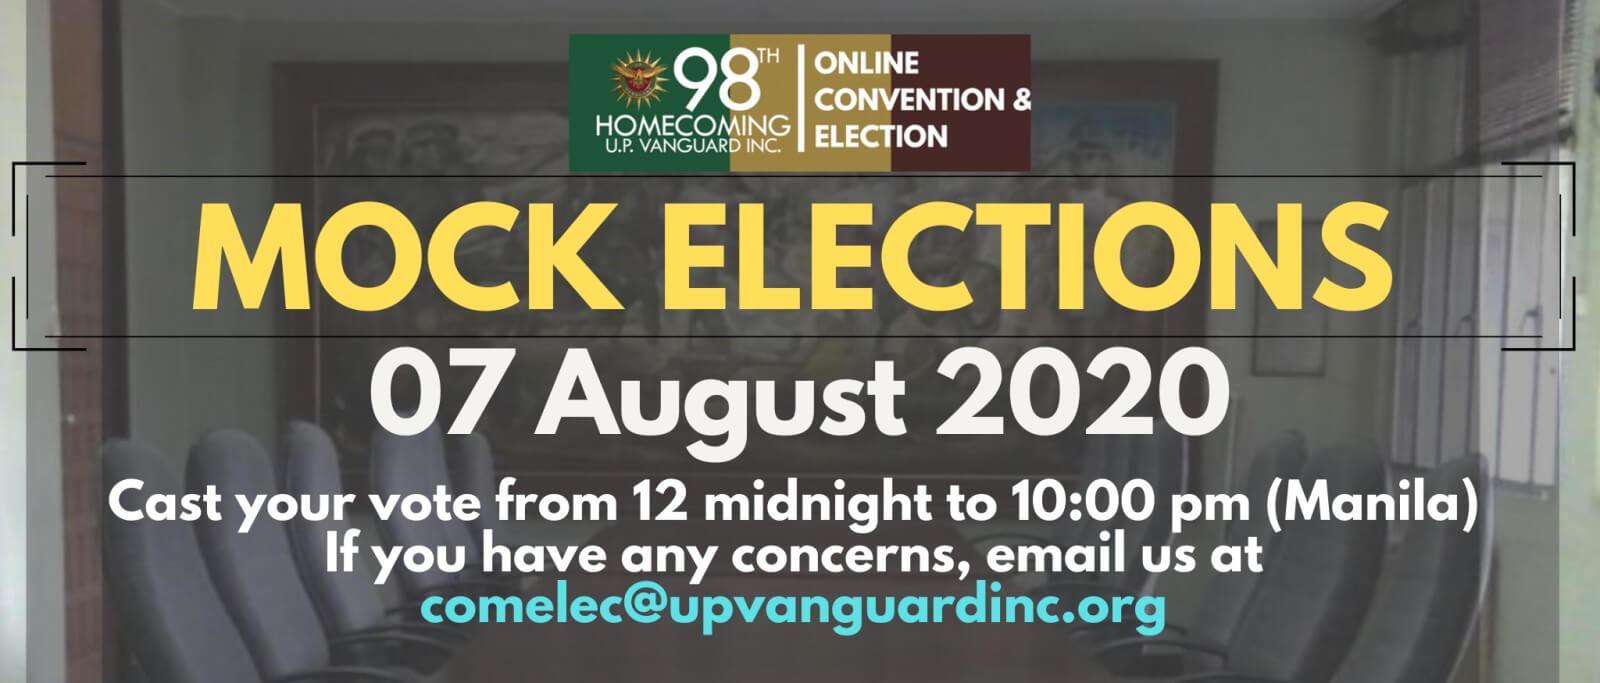 UPVI Mock Election 2020